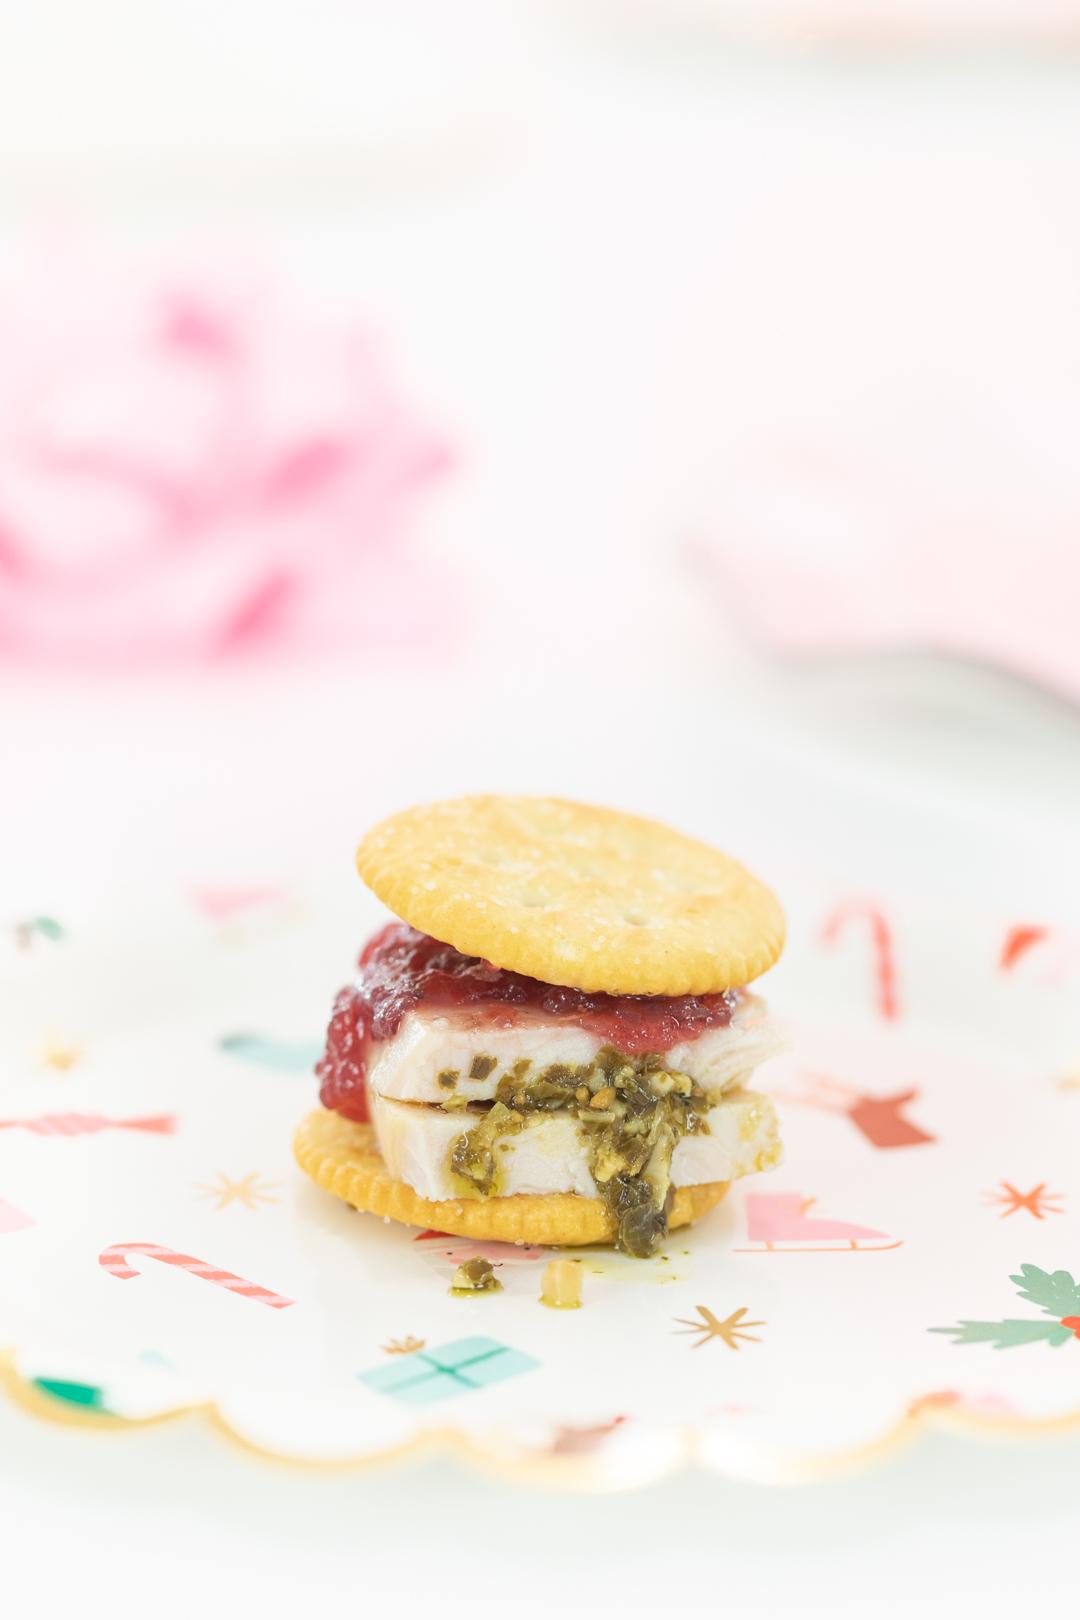 Pesto Turkey & Cranberry Cracker Sandwich